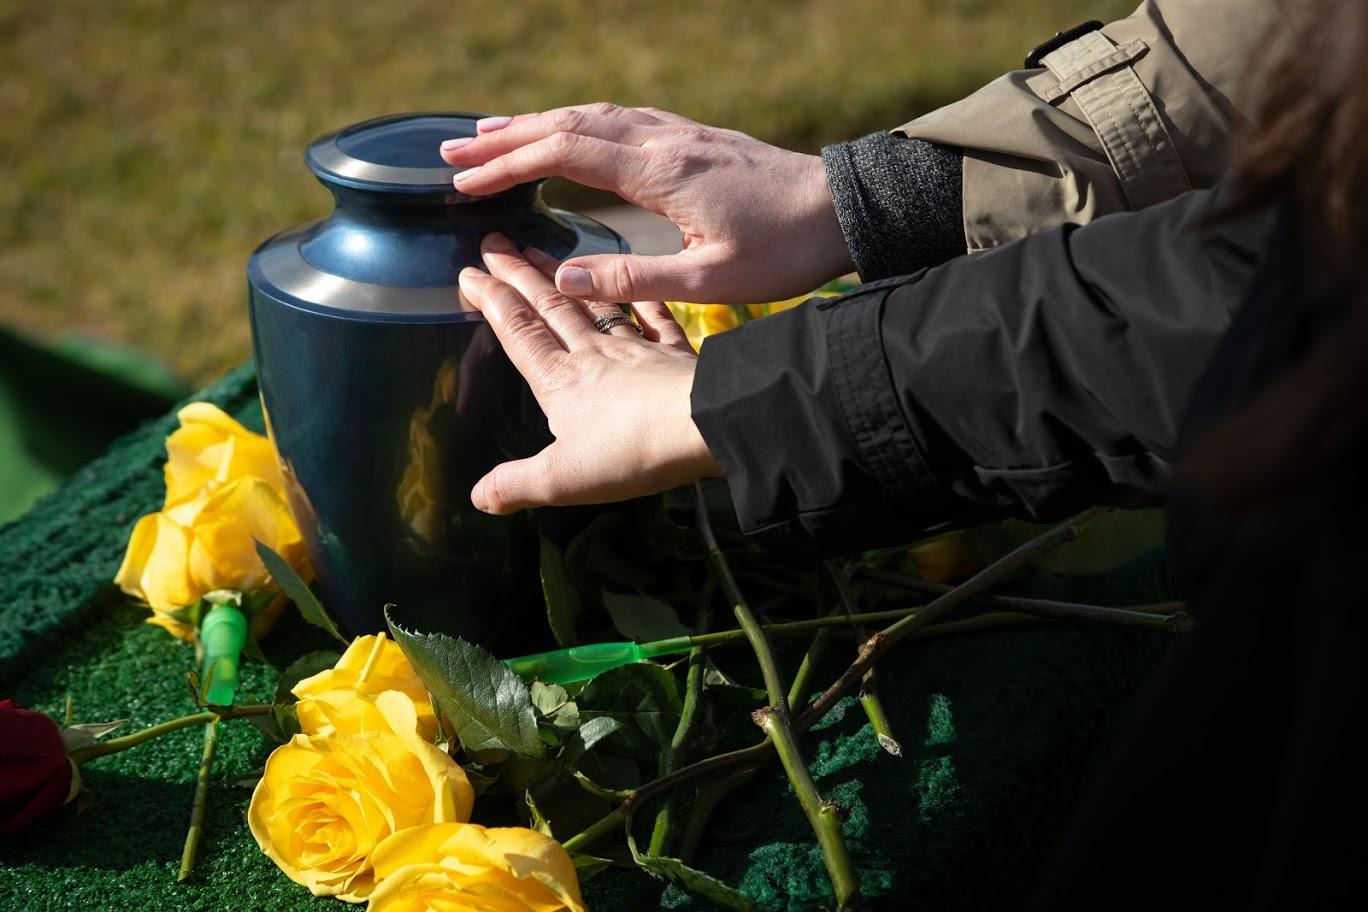 「故人の希望で葬儀をしない」という選択はあるのでしょうか?のサムネイル画像